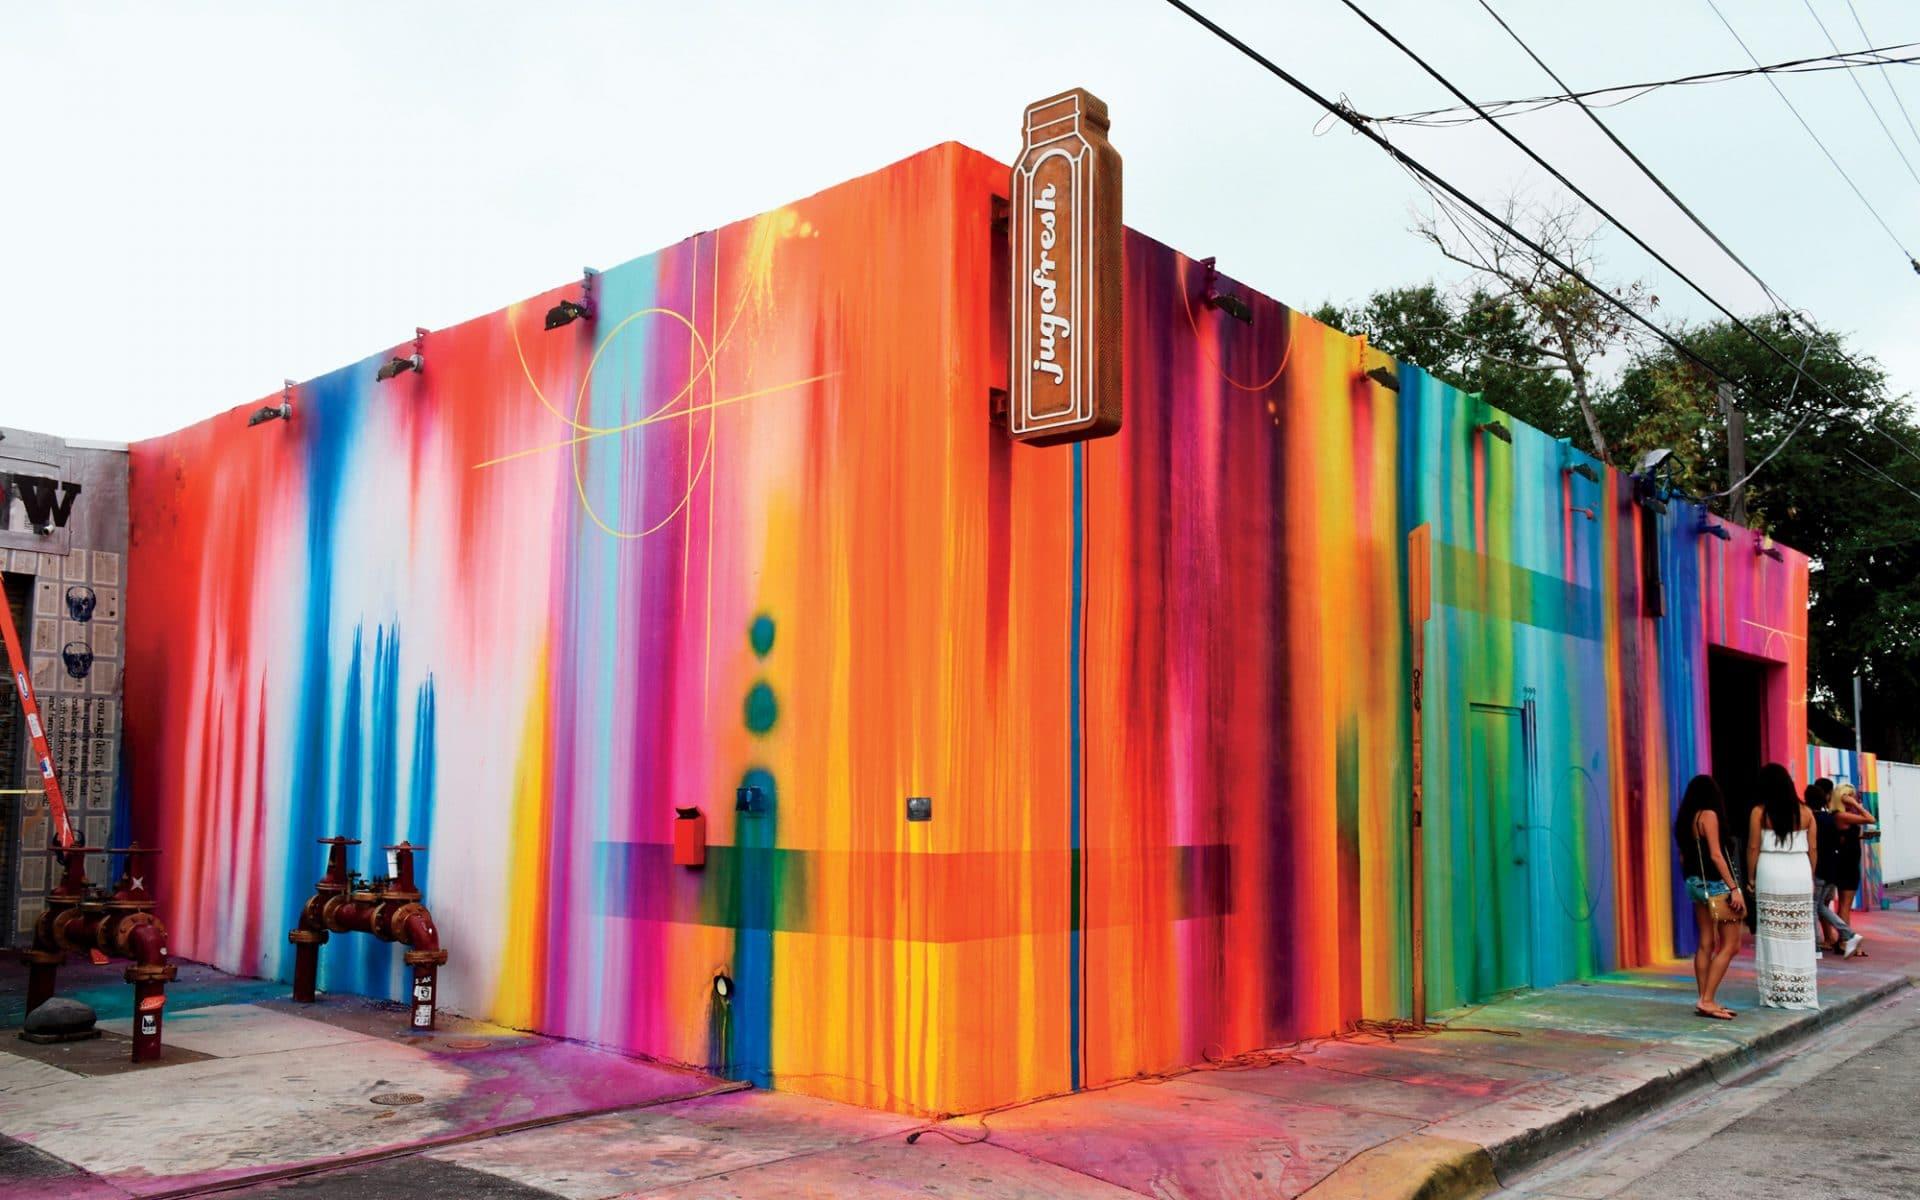 Quand l'art urbain embellit les villes